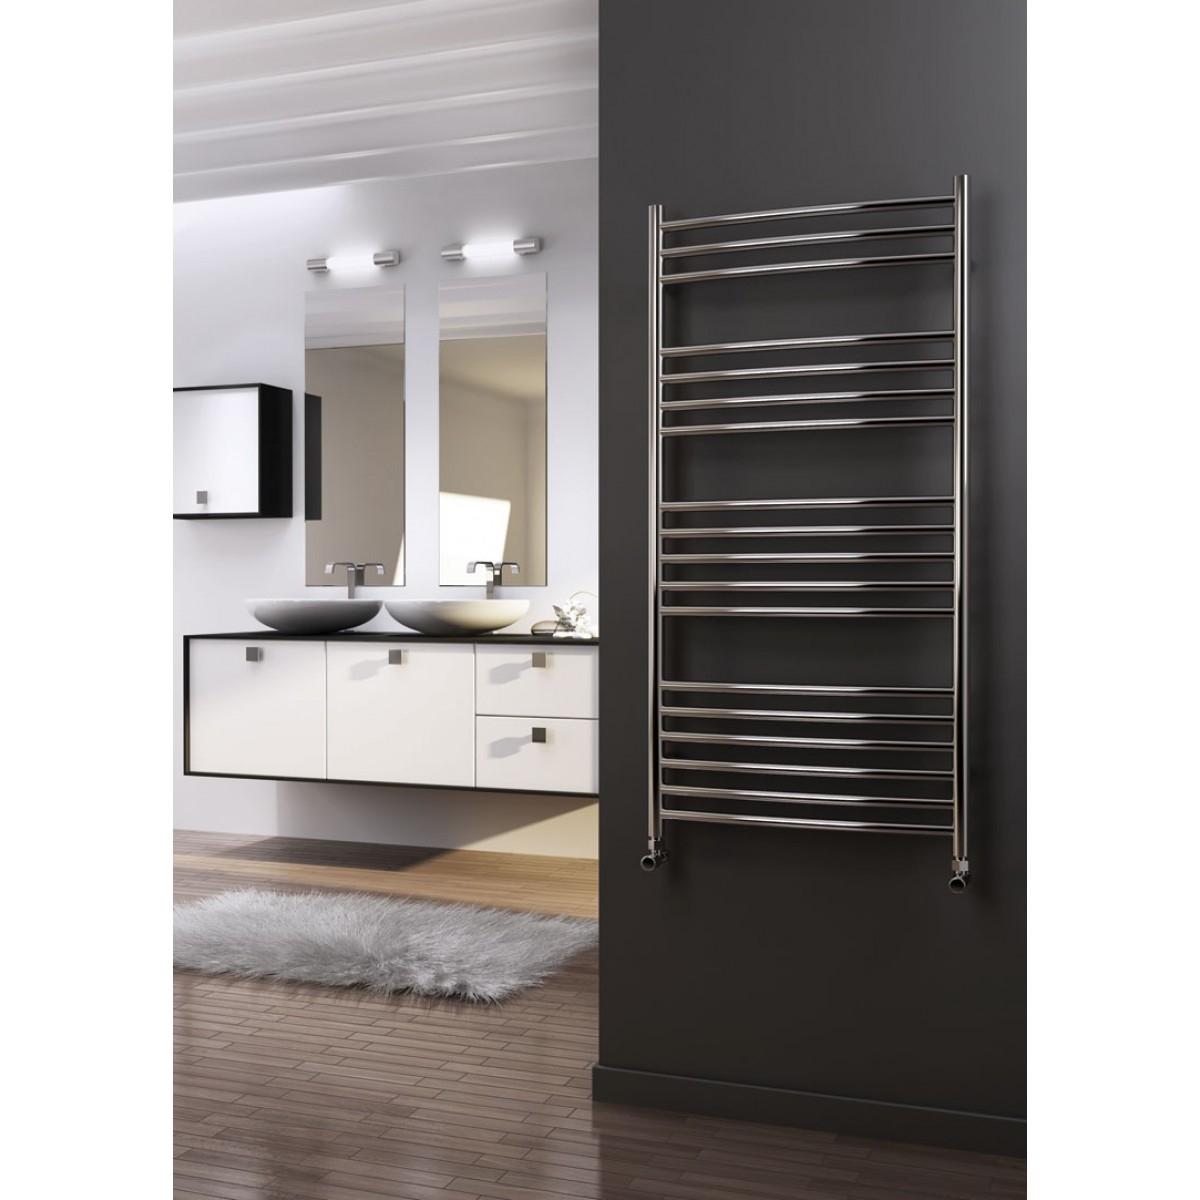 Radiatori In Alluminio O Acciaio radiatori in acciaio - riscaldamento casa - caratteristiche